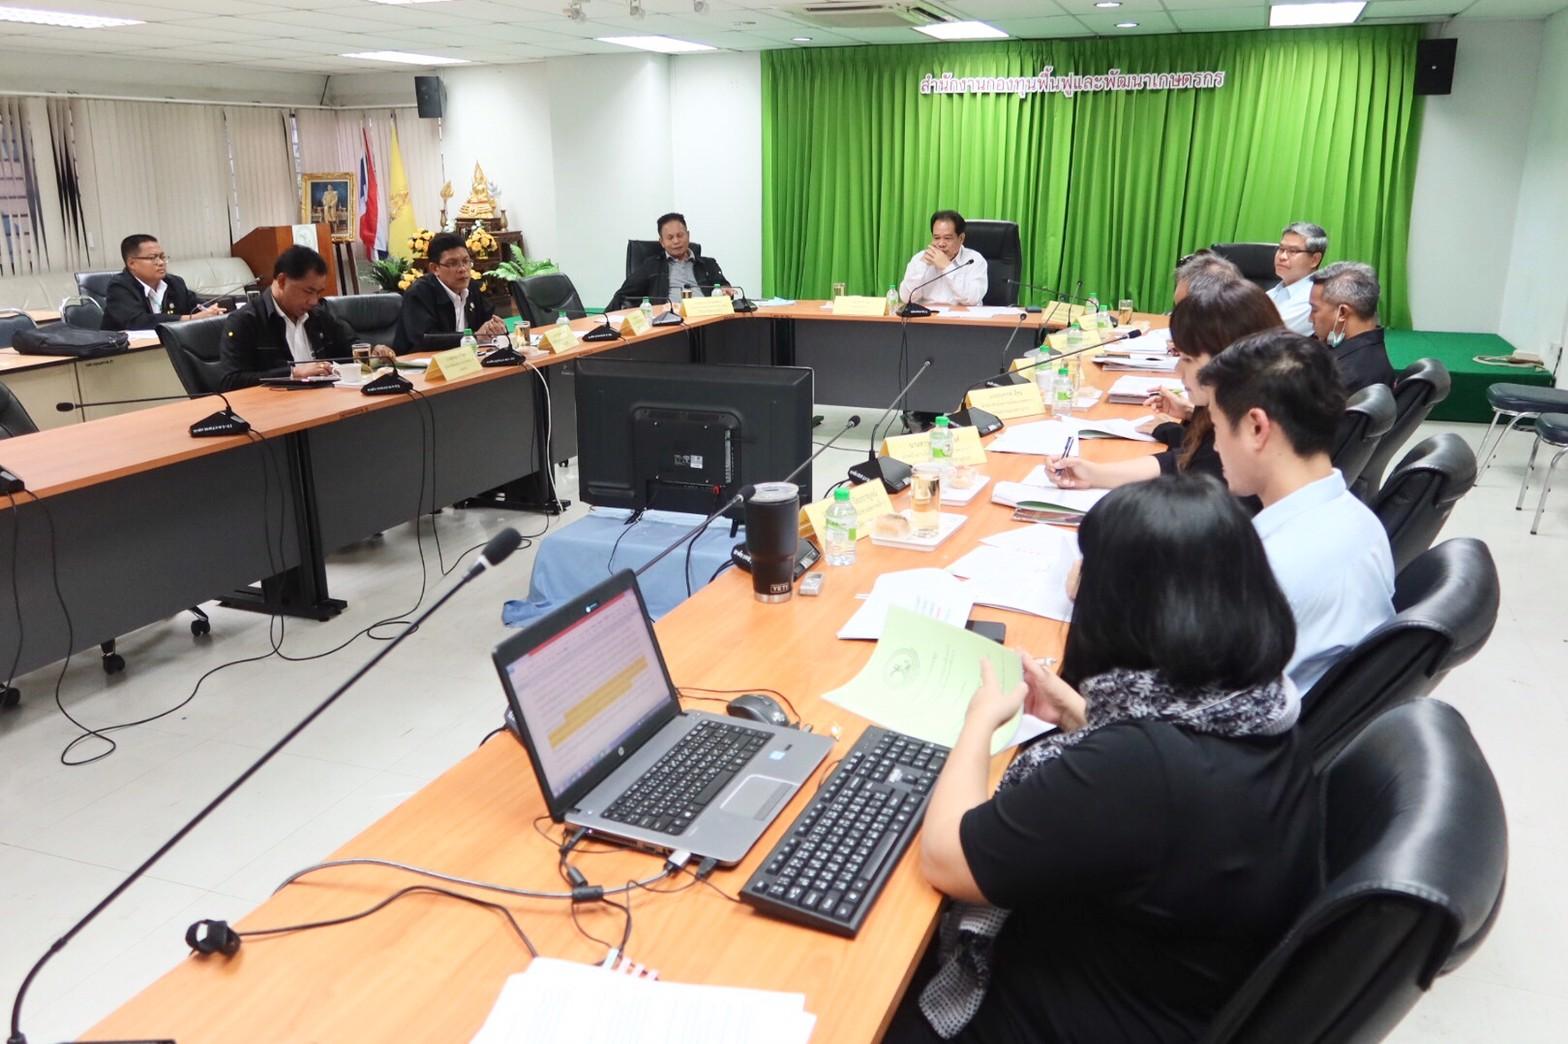 นัด 2 ประชุมคณะกรรมการจัดทำโครงการแก้ไขปัญหาหนี้เกษตรกรสมาชิกกองทุนฟื้นฟูและพัฒนาเกษตรกรทั้งระบบ